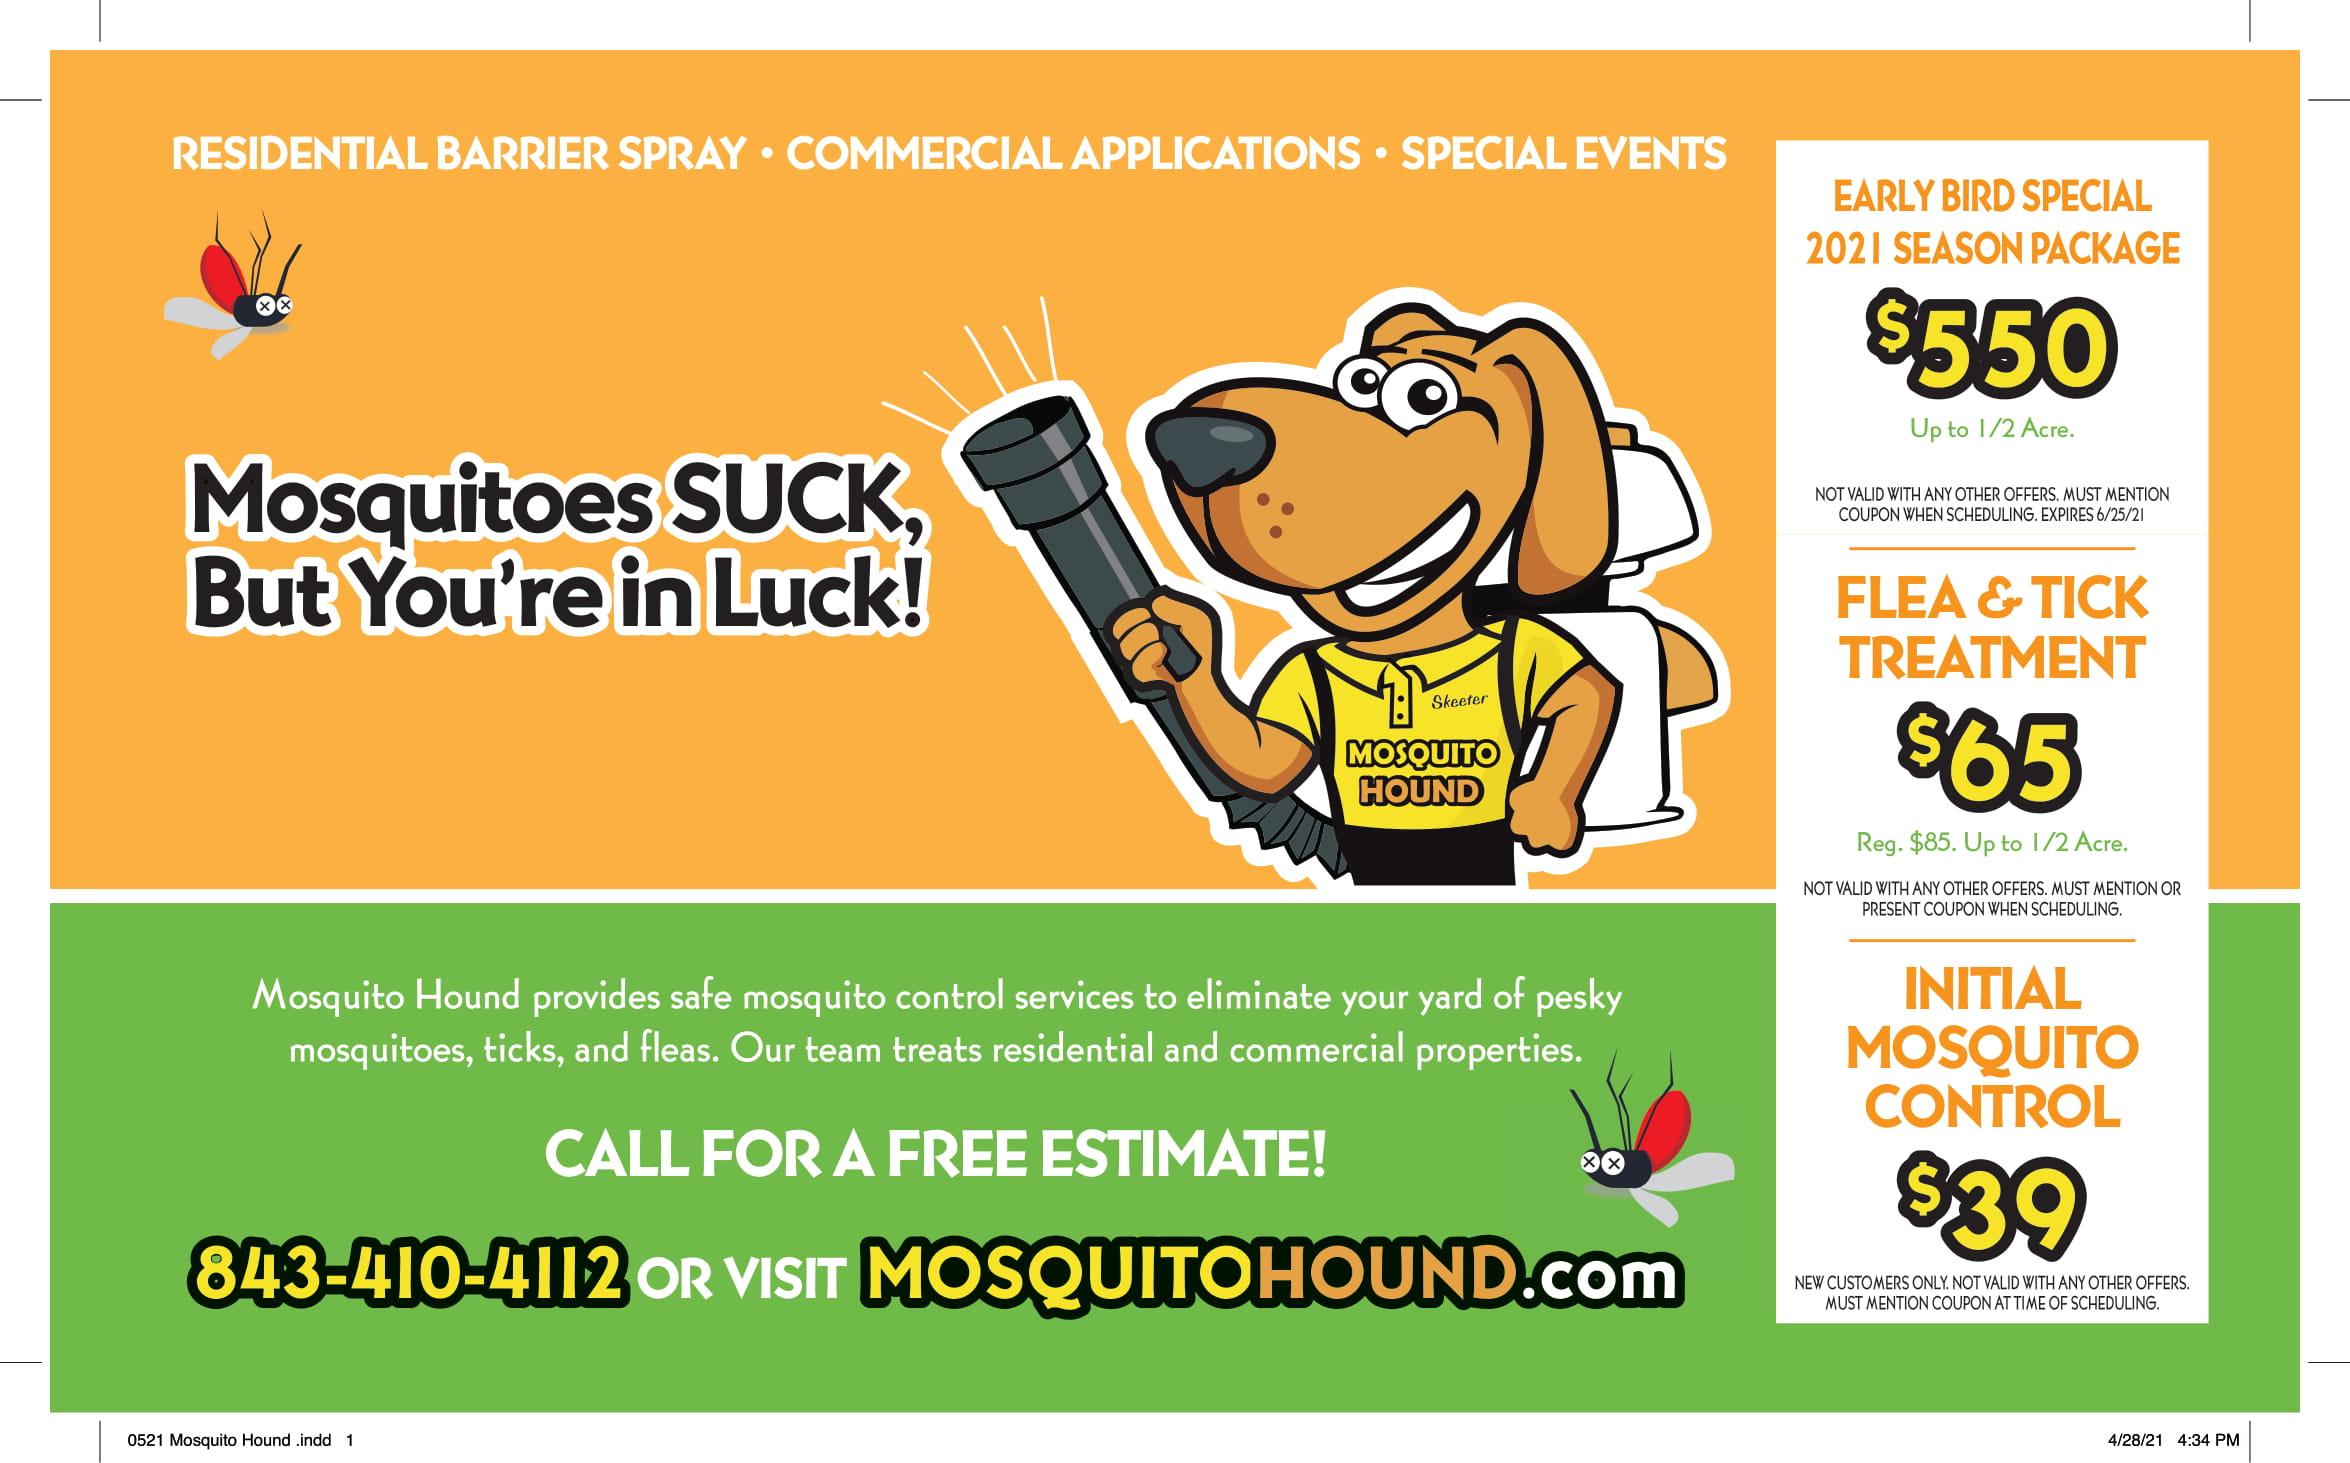 0521 Mosquito Hound 1